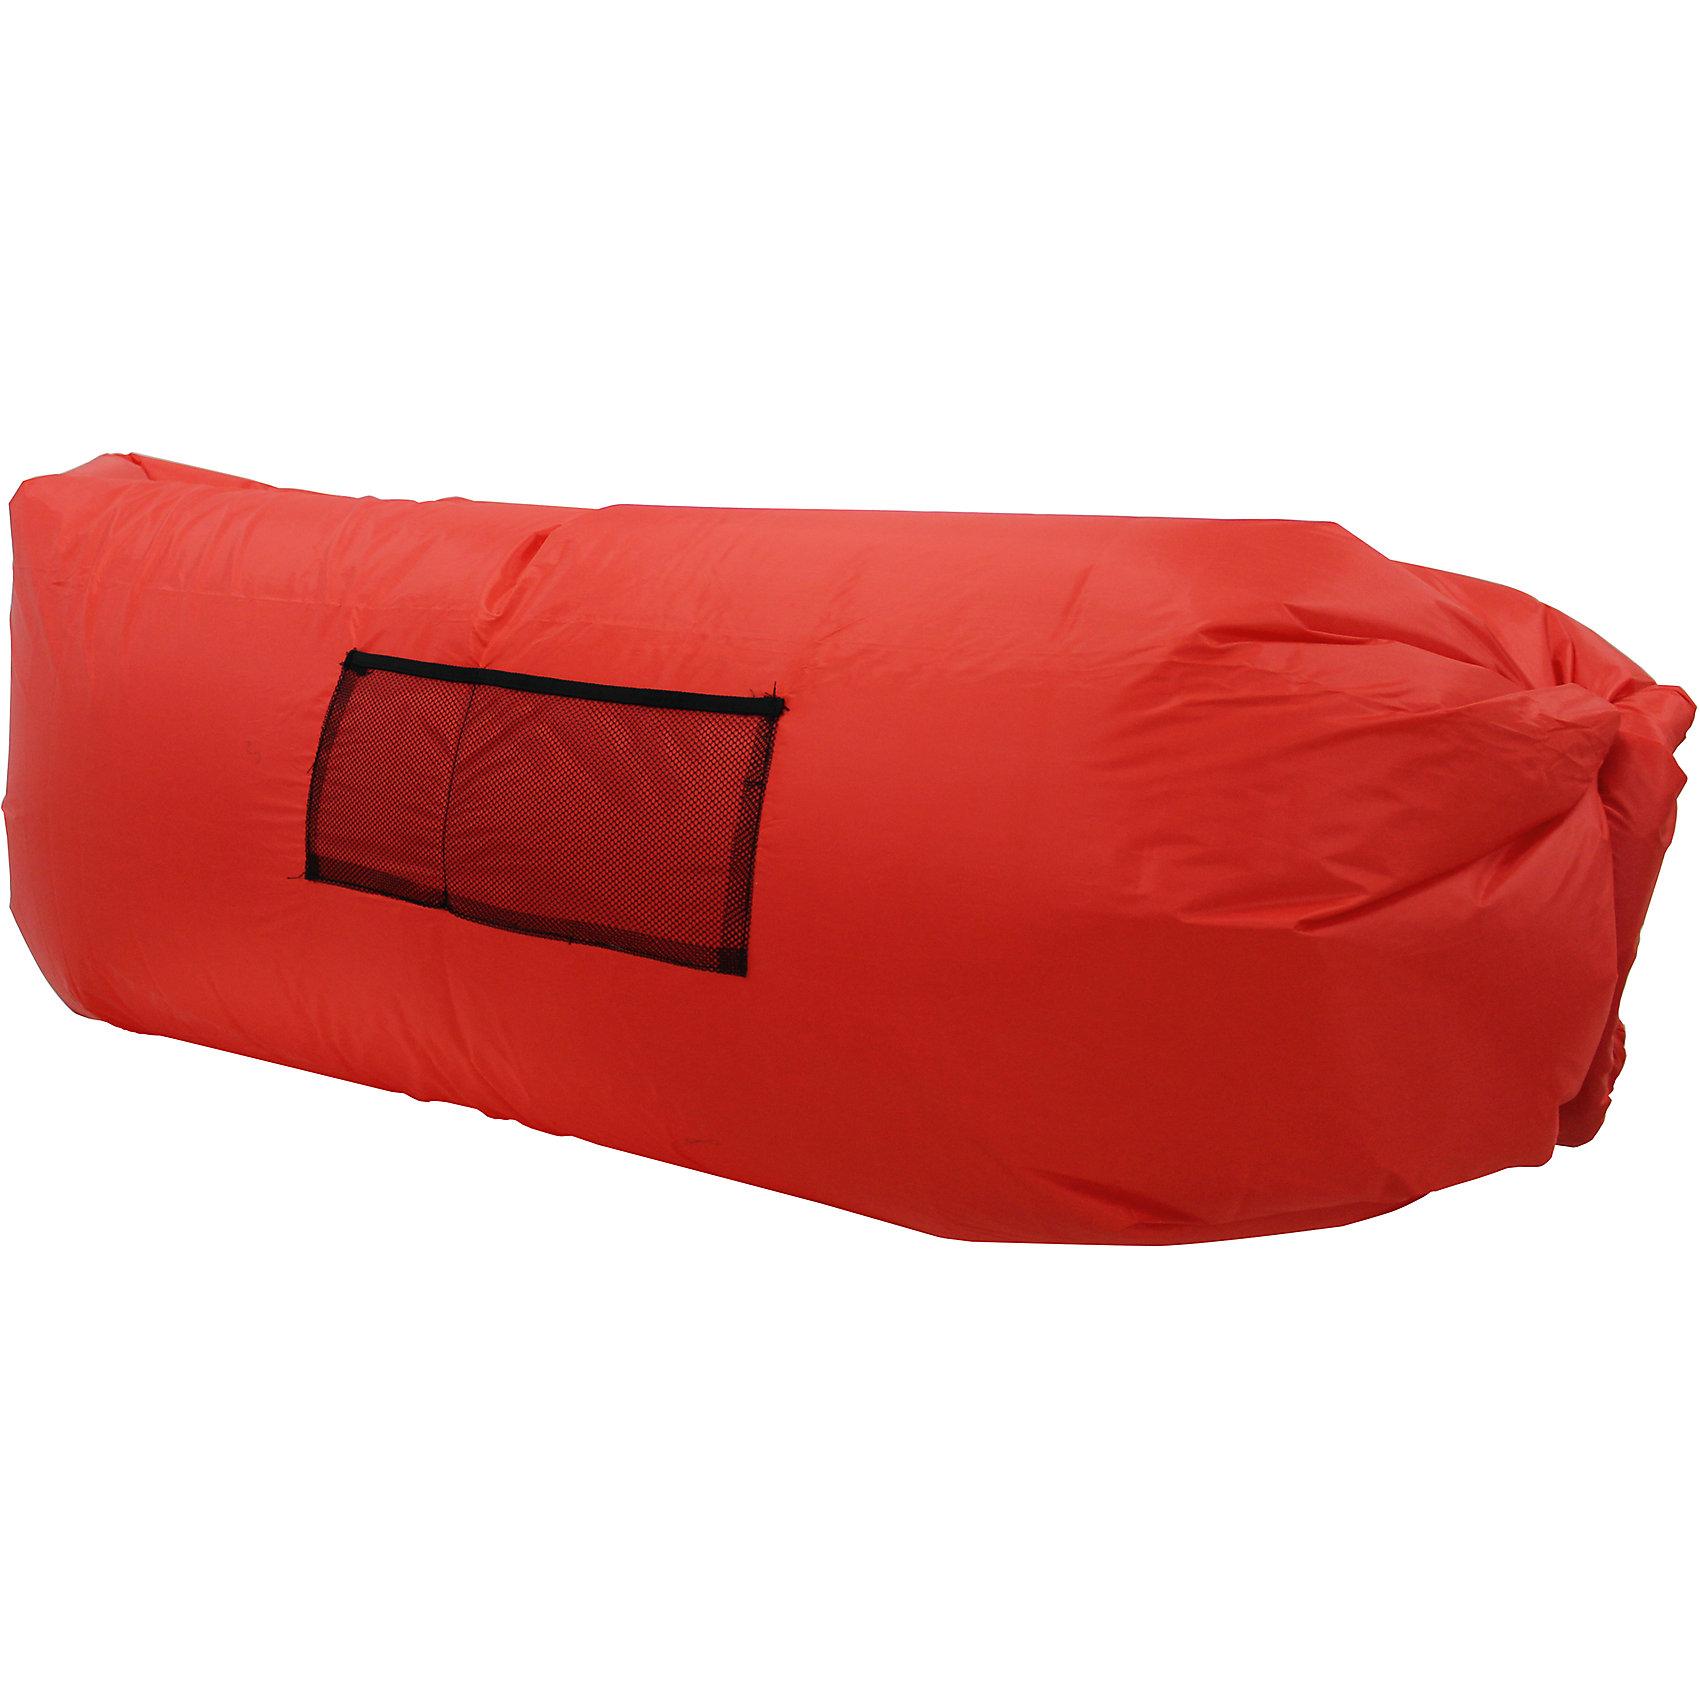 Надувной лежак, красный